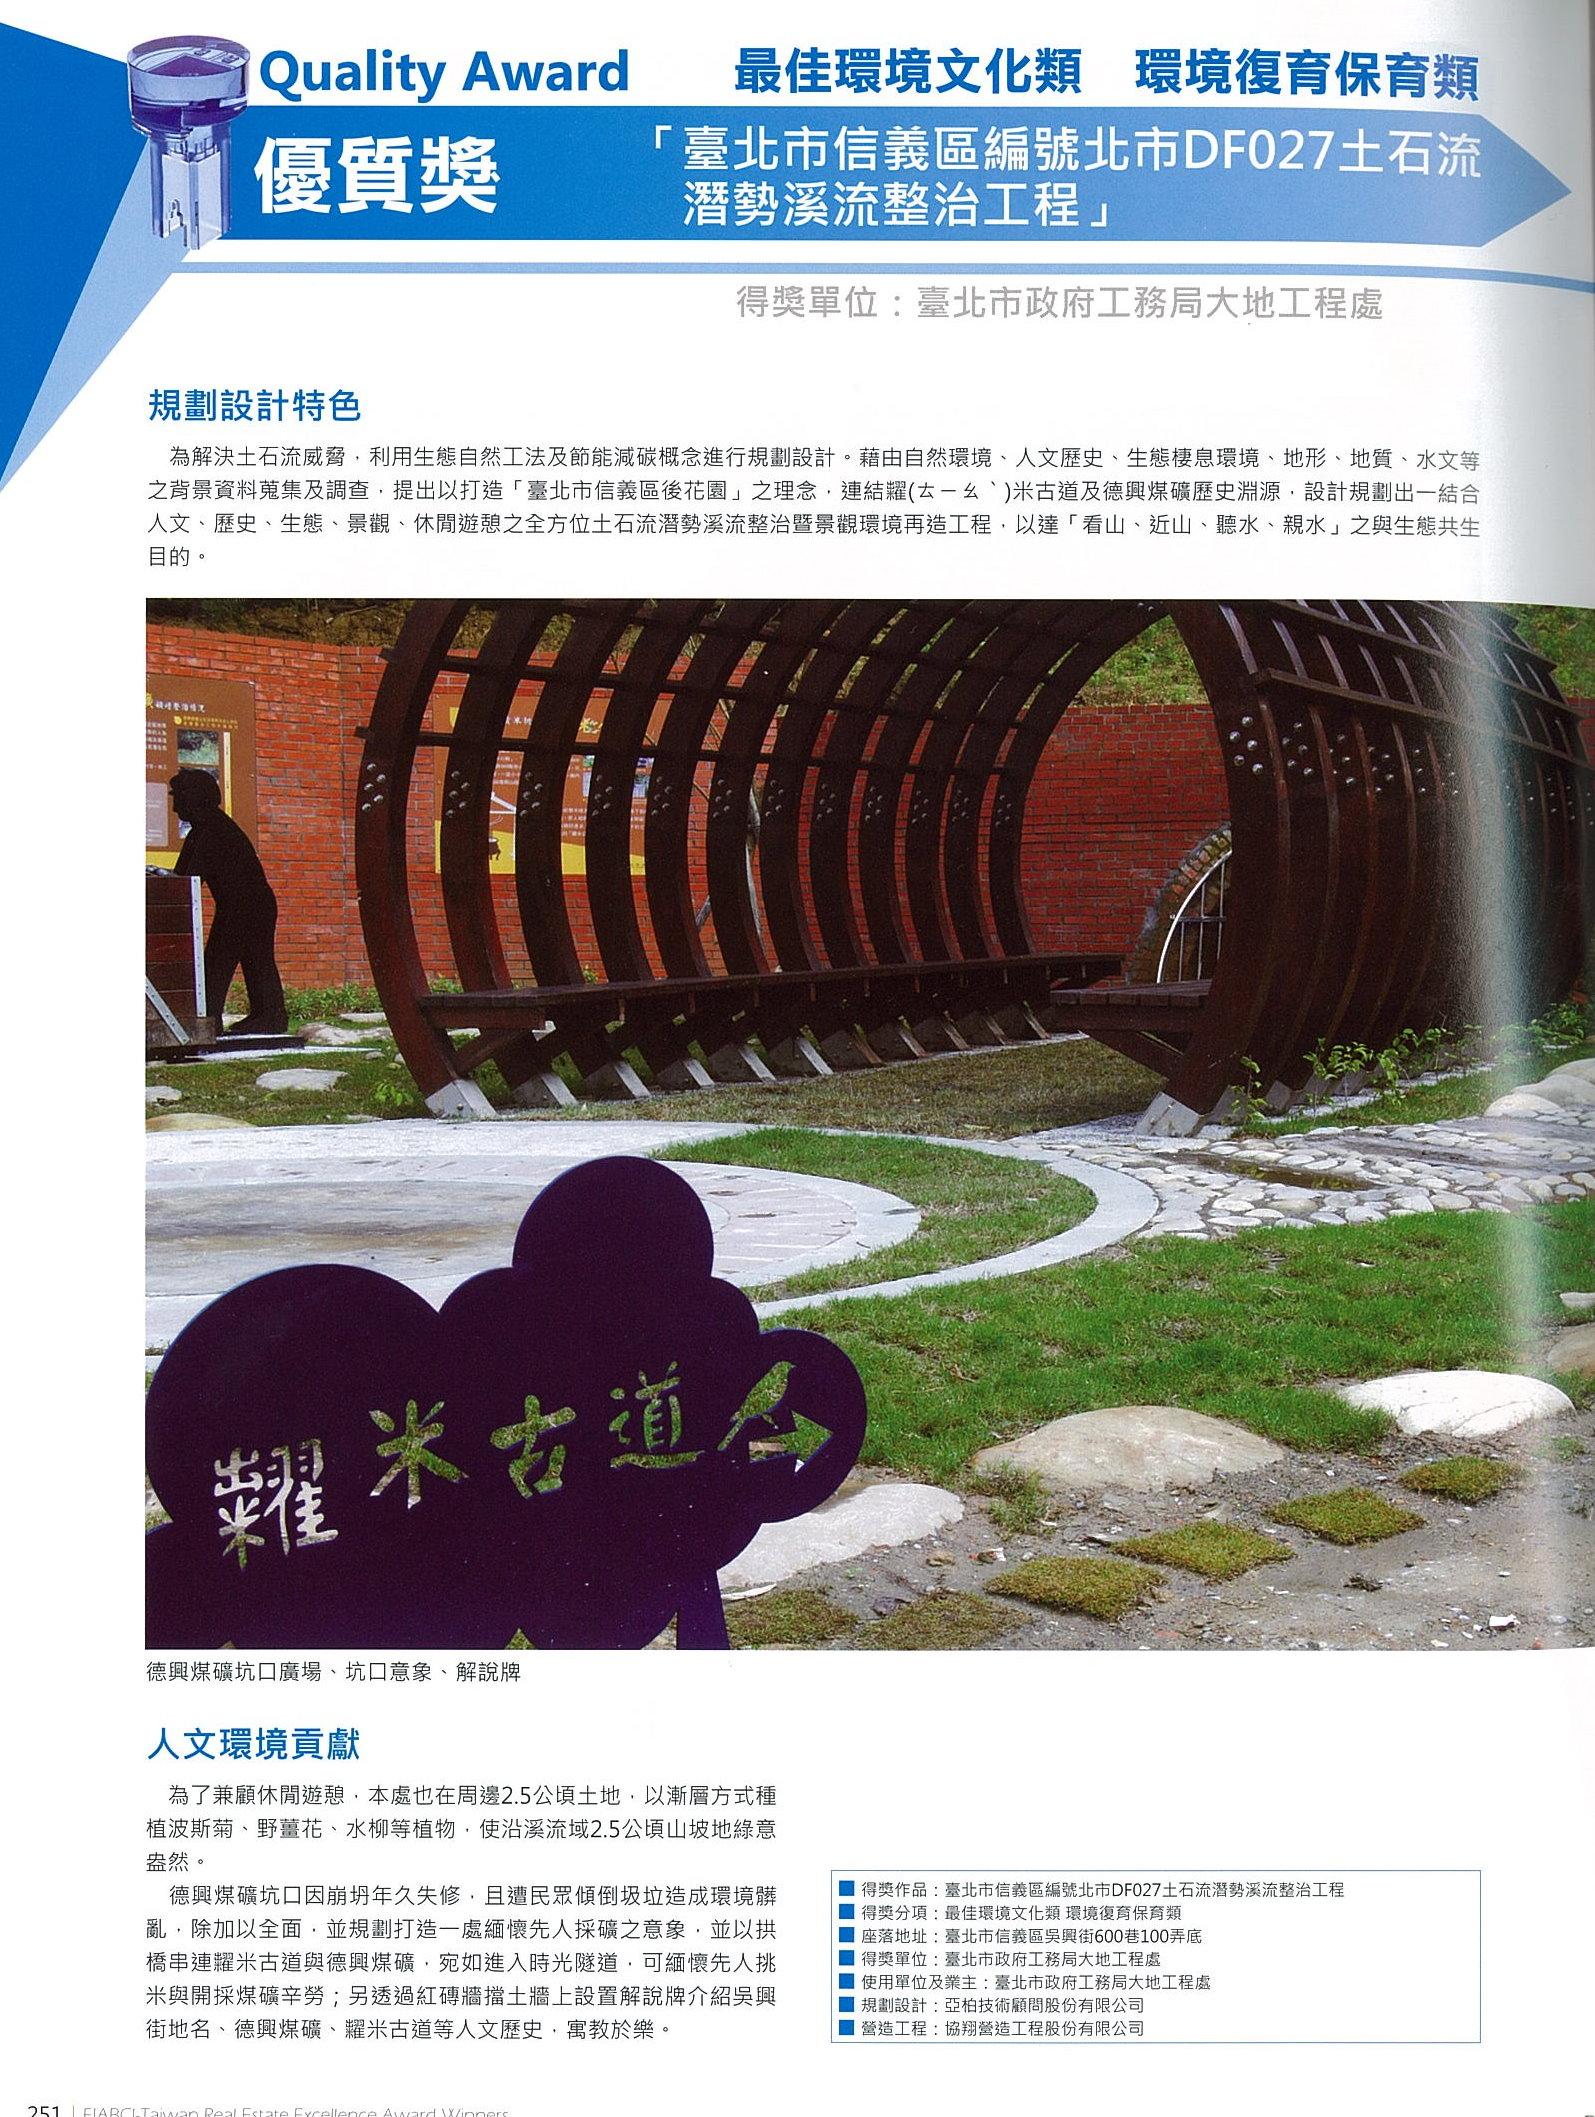 2012國家卓越建設獎-DF027土石流潛勢溪流整治工程